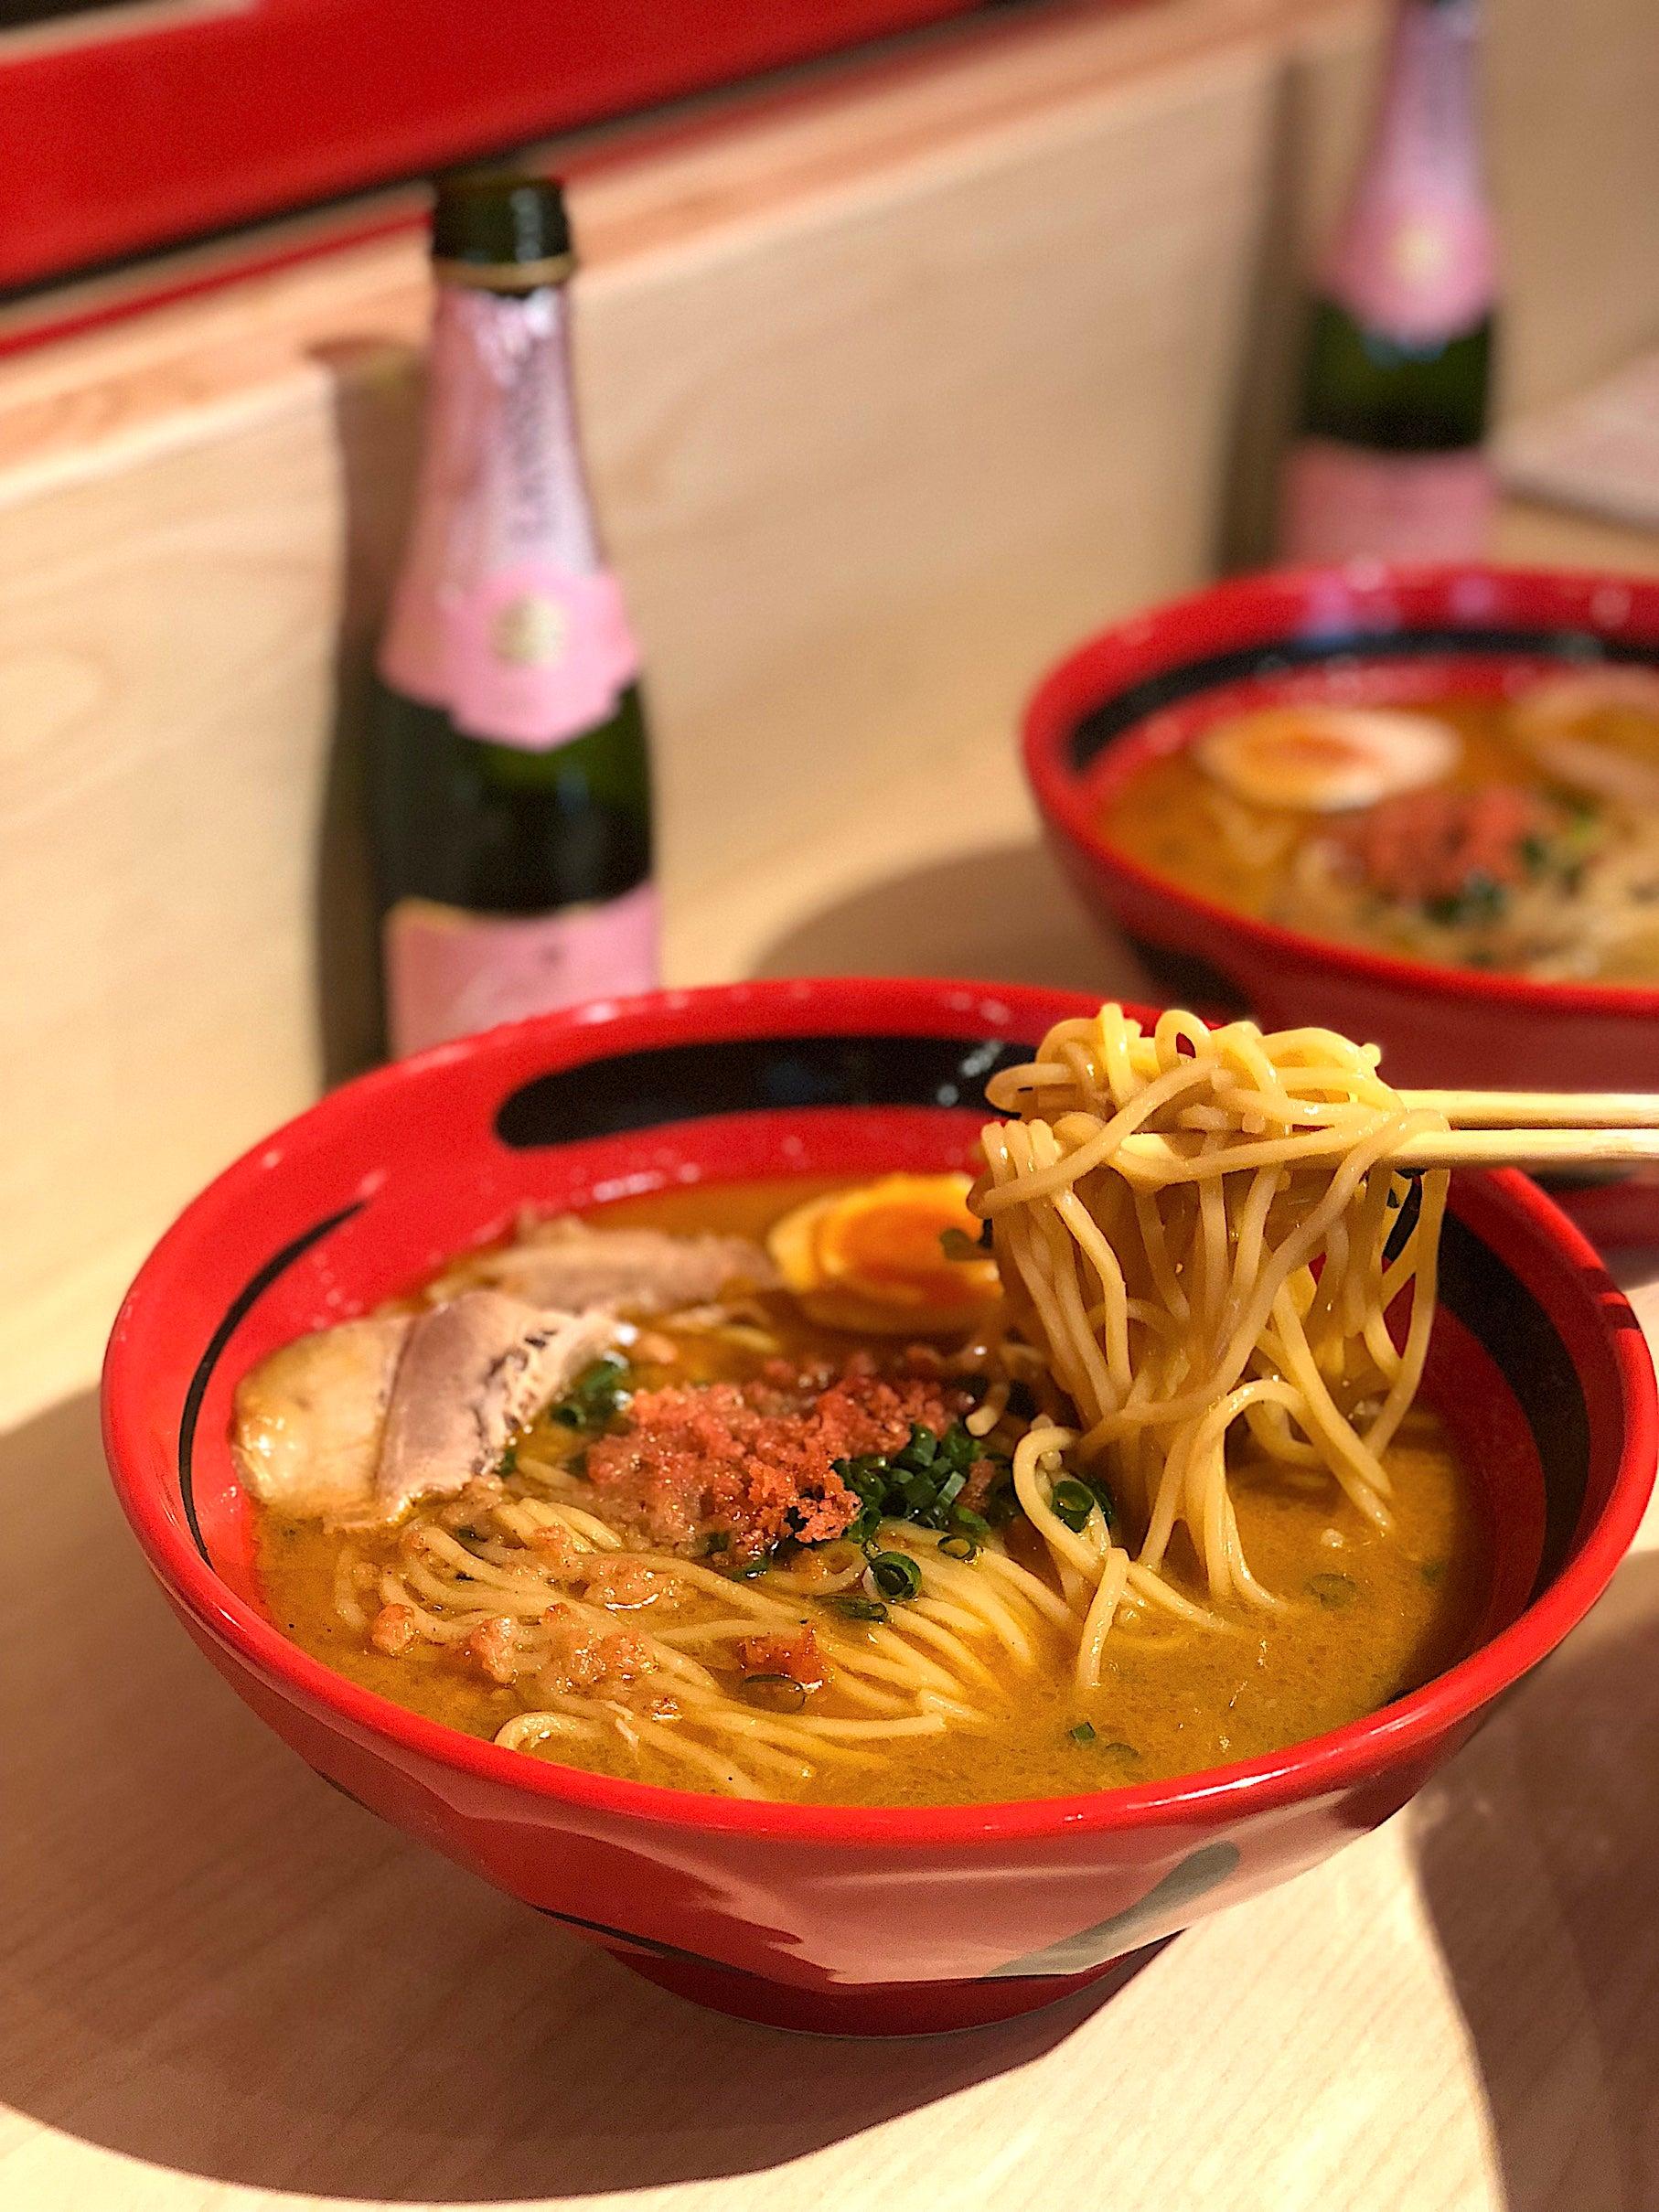 香港に北海道の人気えびそば「一幻」が上陸!芳醇なえびの風味が絶品すぎる至極の一杯に悶絶!   香港 ...